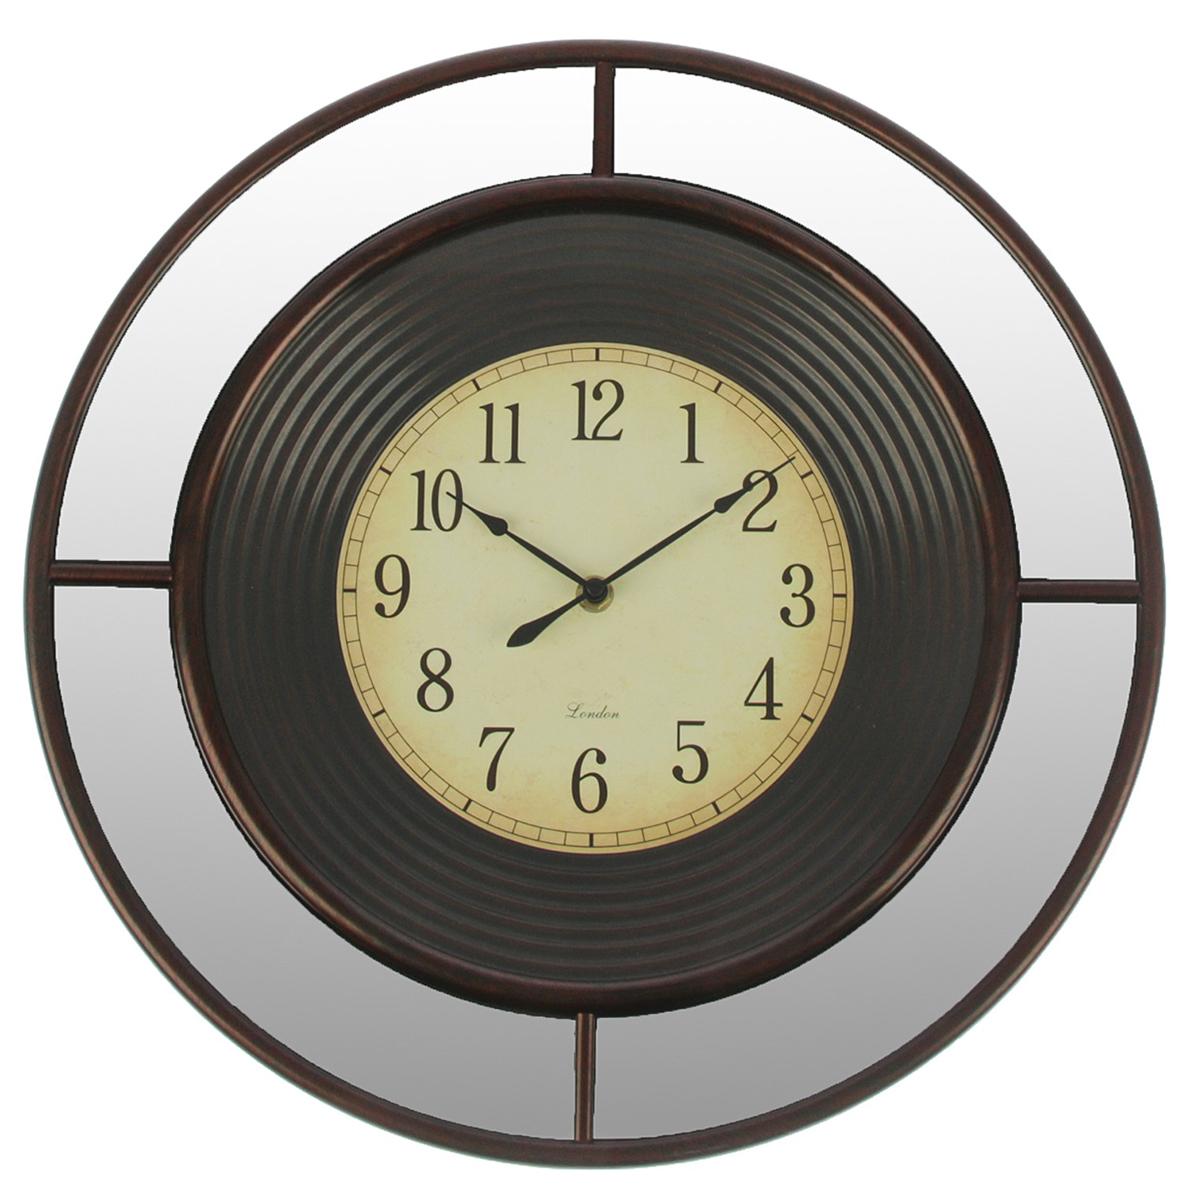 Часы настенные Зеркала, цвет: шоколад, диаметр 56 см2770476Каждому хозяину периодически приходит мысль обновить свою квартиру, сделать ремонт, перестановку или кардинально поменять внешний вид каждой комнаты. — привлекательная деталь, которая поможет воплотить вашу интерьерную идею, создать неповторимую атмосферу в вашем доме. Окружите себя приятными мелочами, пусть они радуют глаз и дарят гармонию.Часы настенные. серия Зеркала, круг, зеркало по ободу, циф-т выцветший, цвет шоколад, d=56см 27704